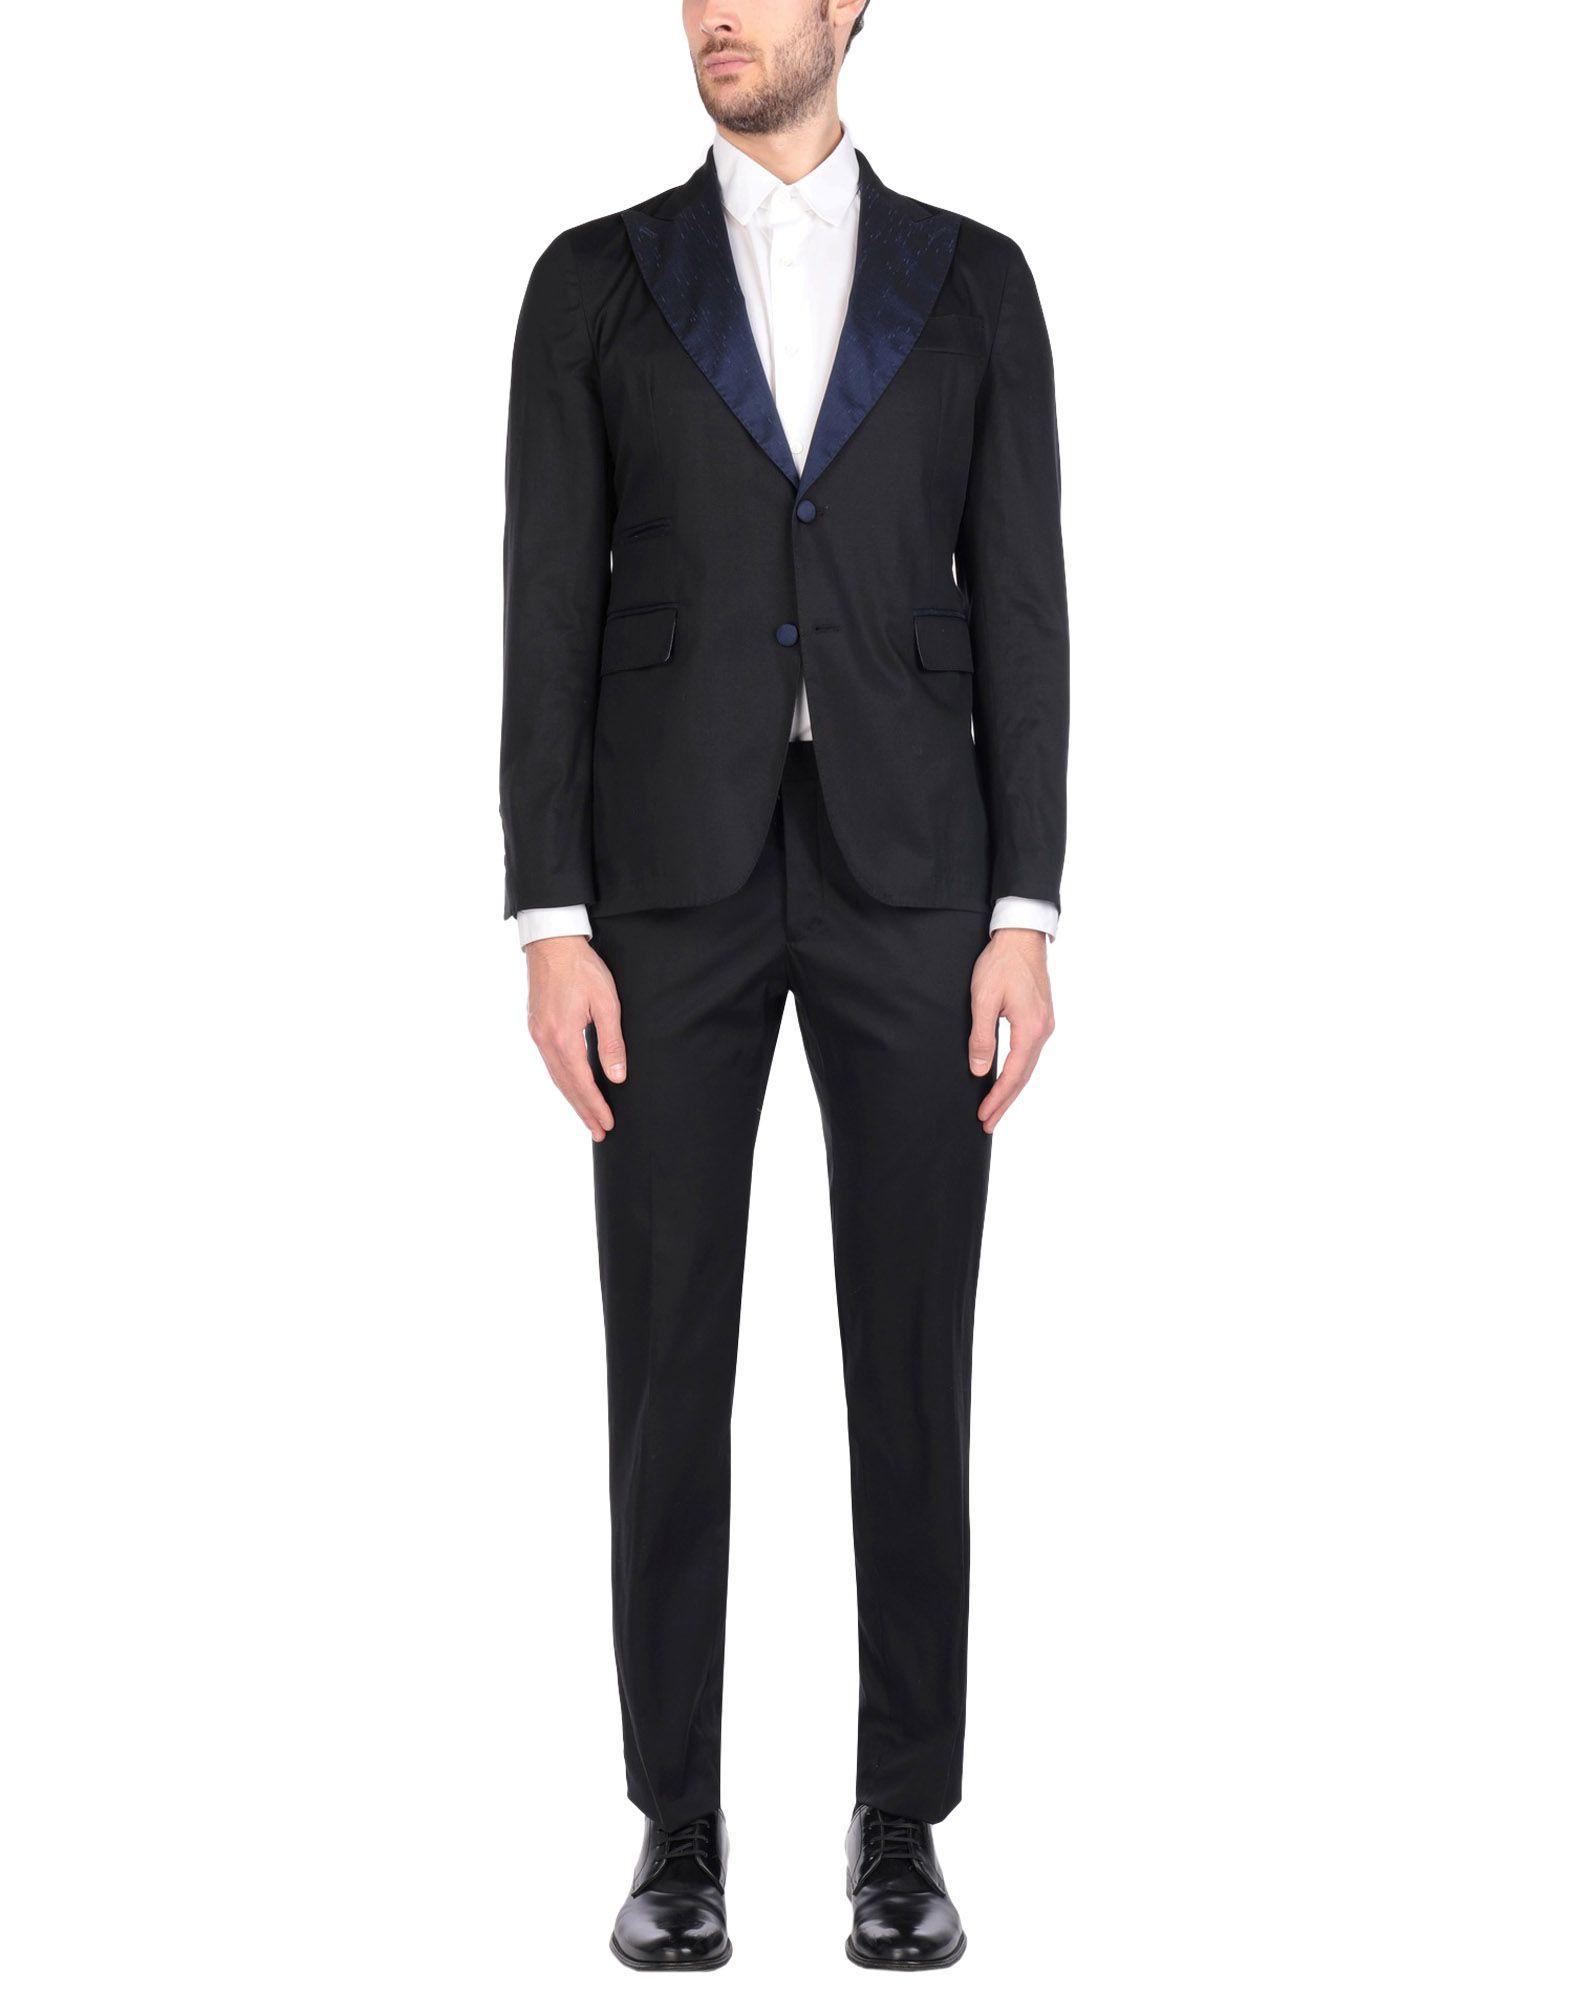 《送料無料》JOHN SHEEP メンズ スーツ ブラック 46 コットン 98% / ポリウレタン 2%